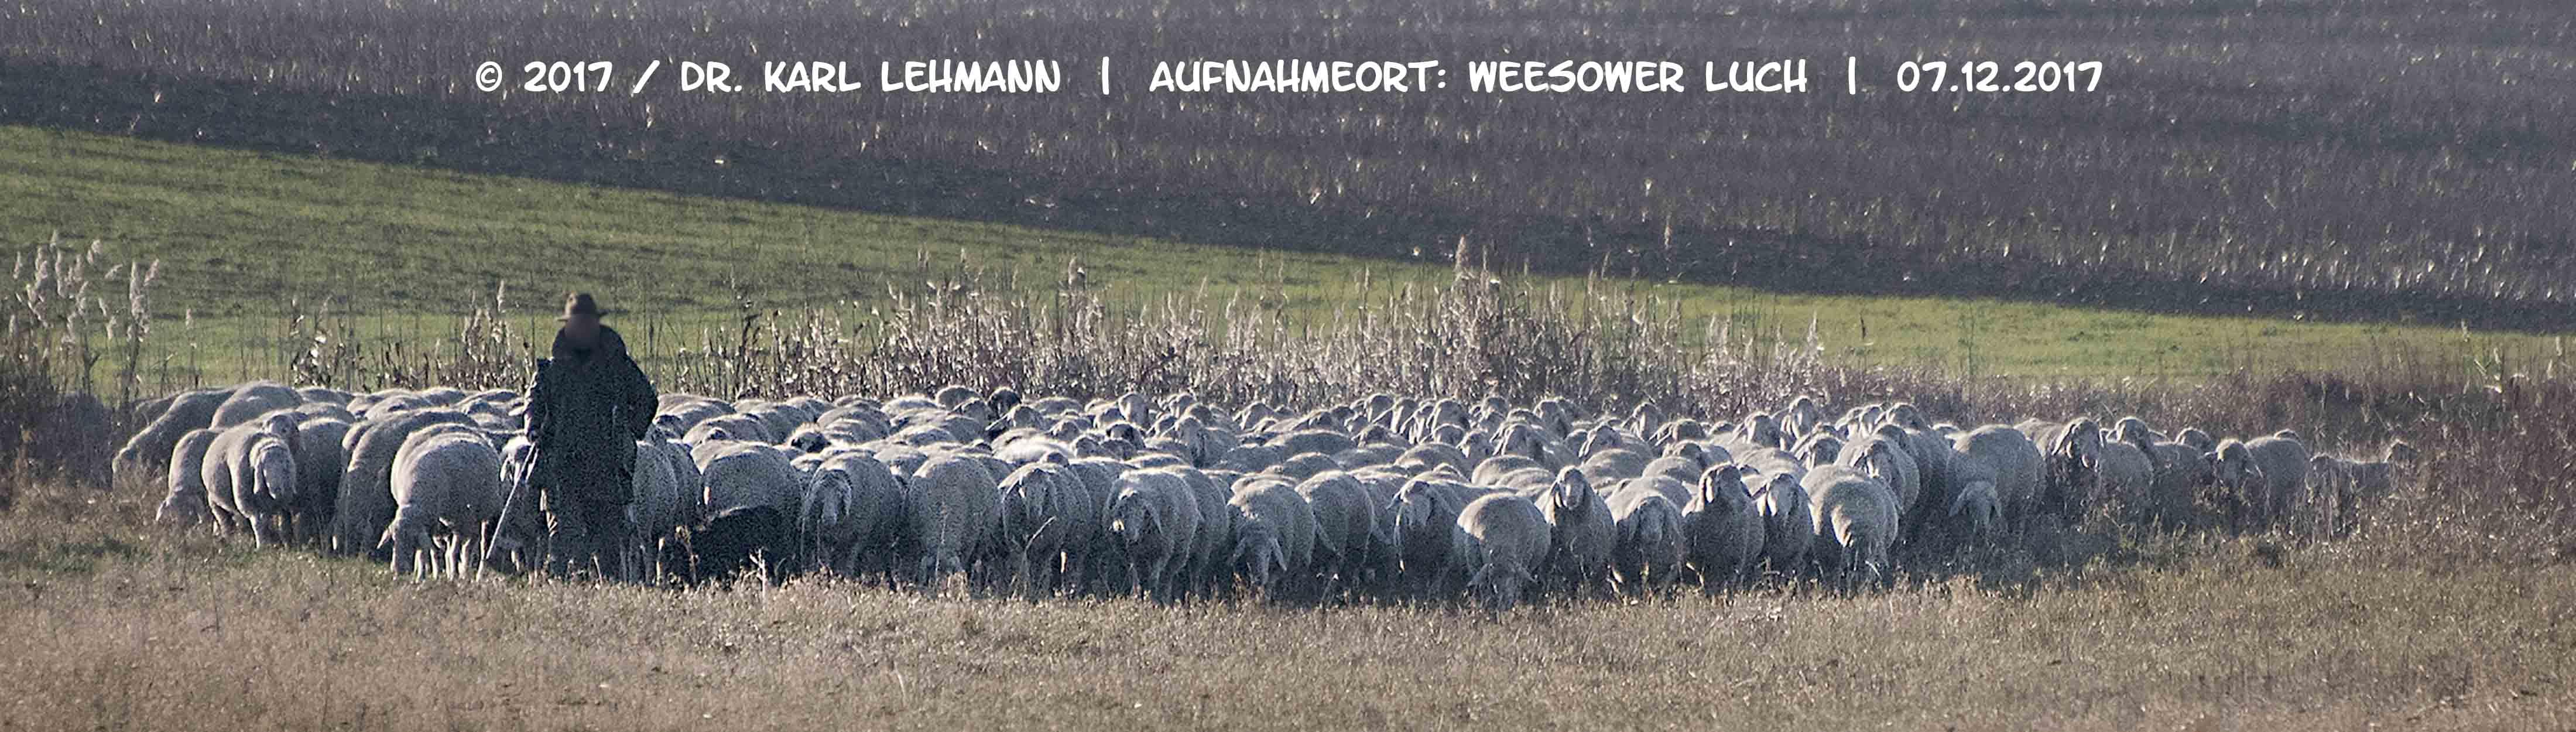 Schafe im Luch